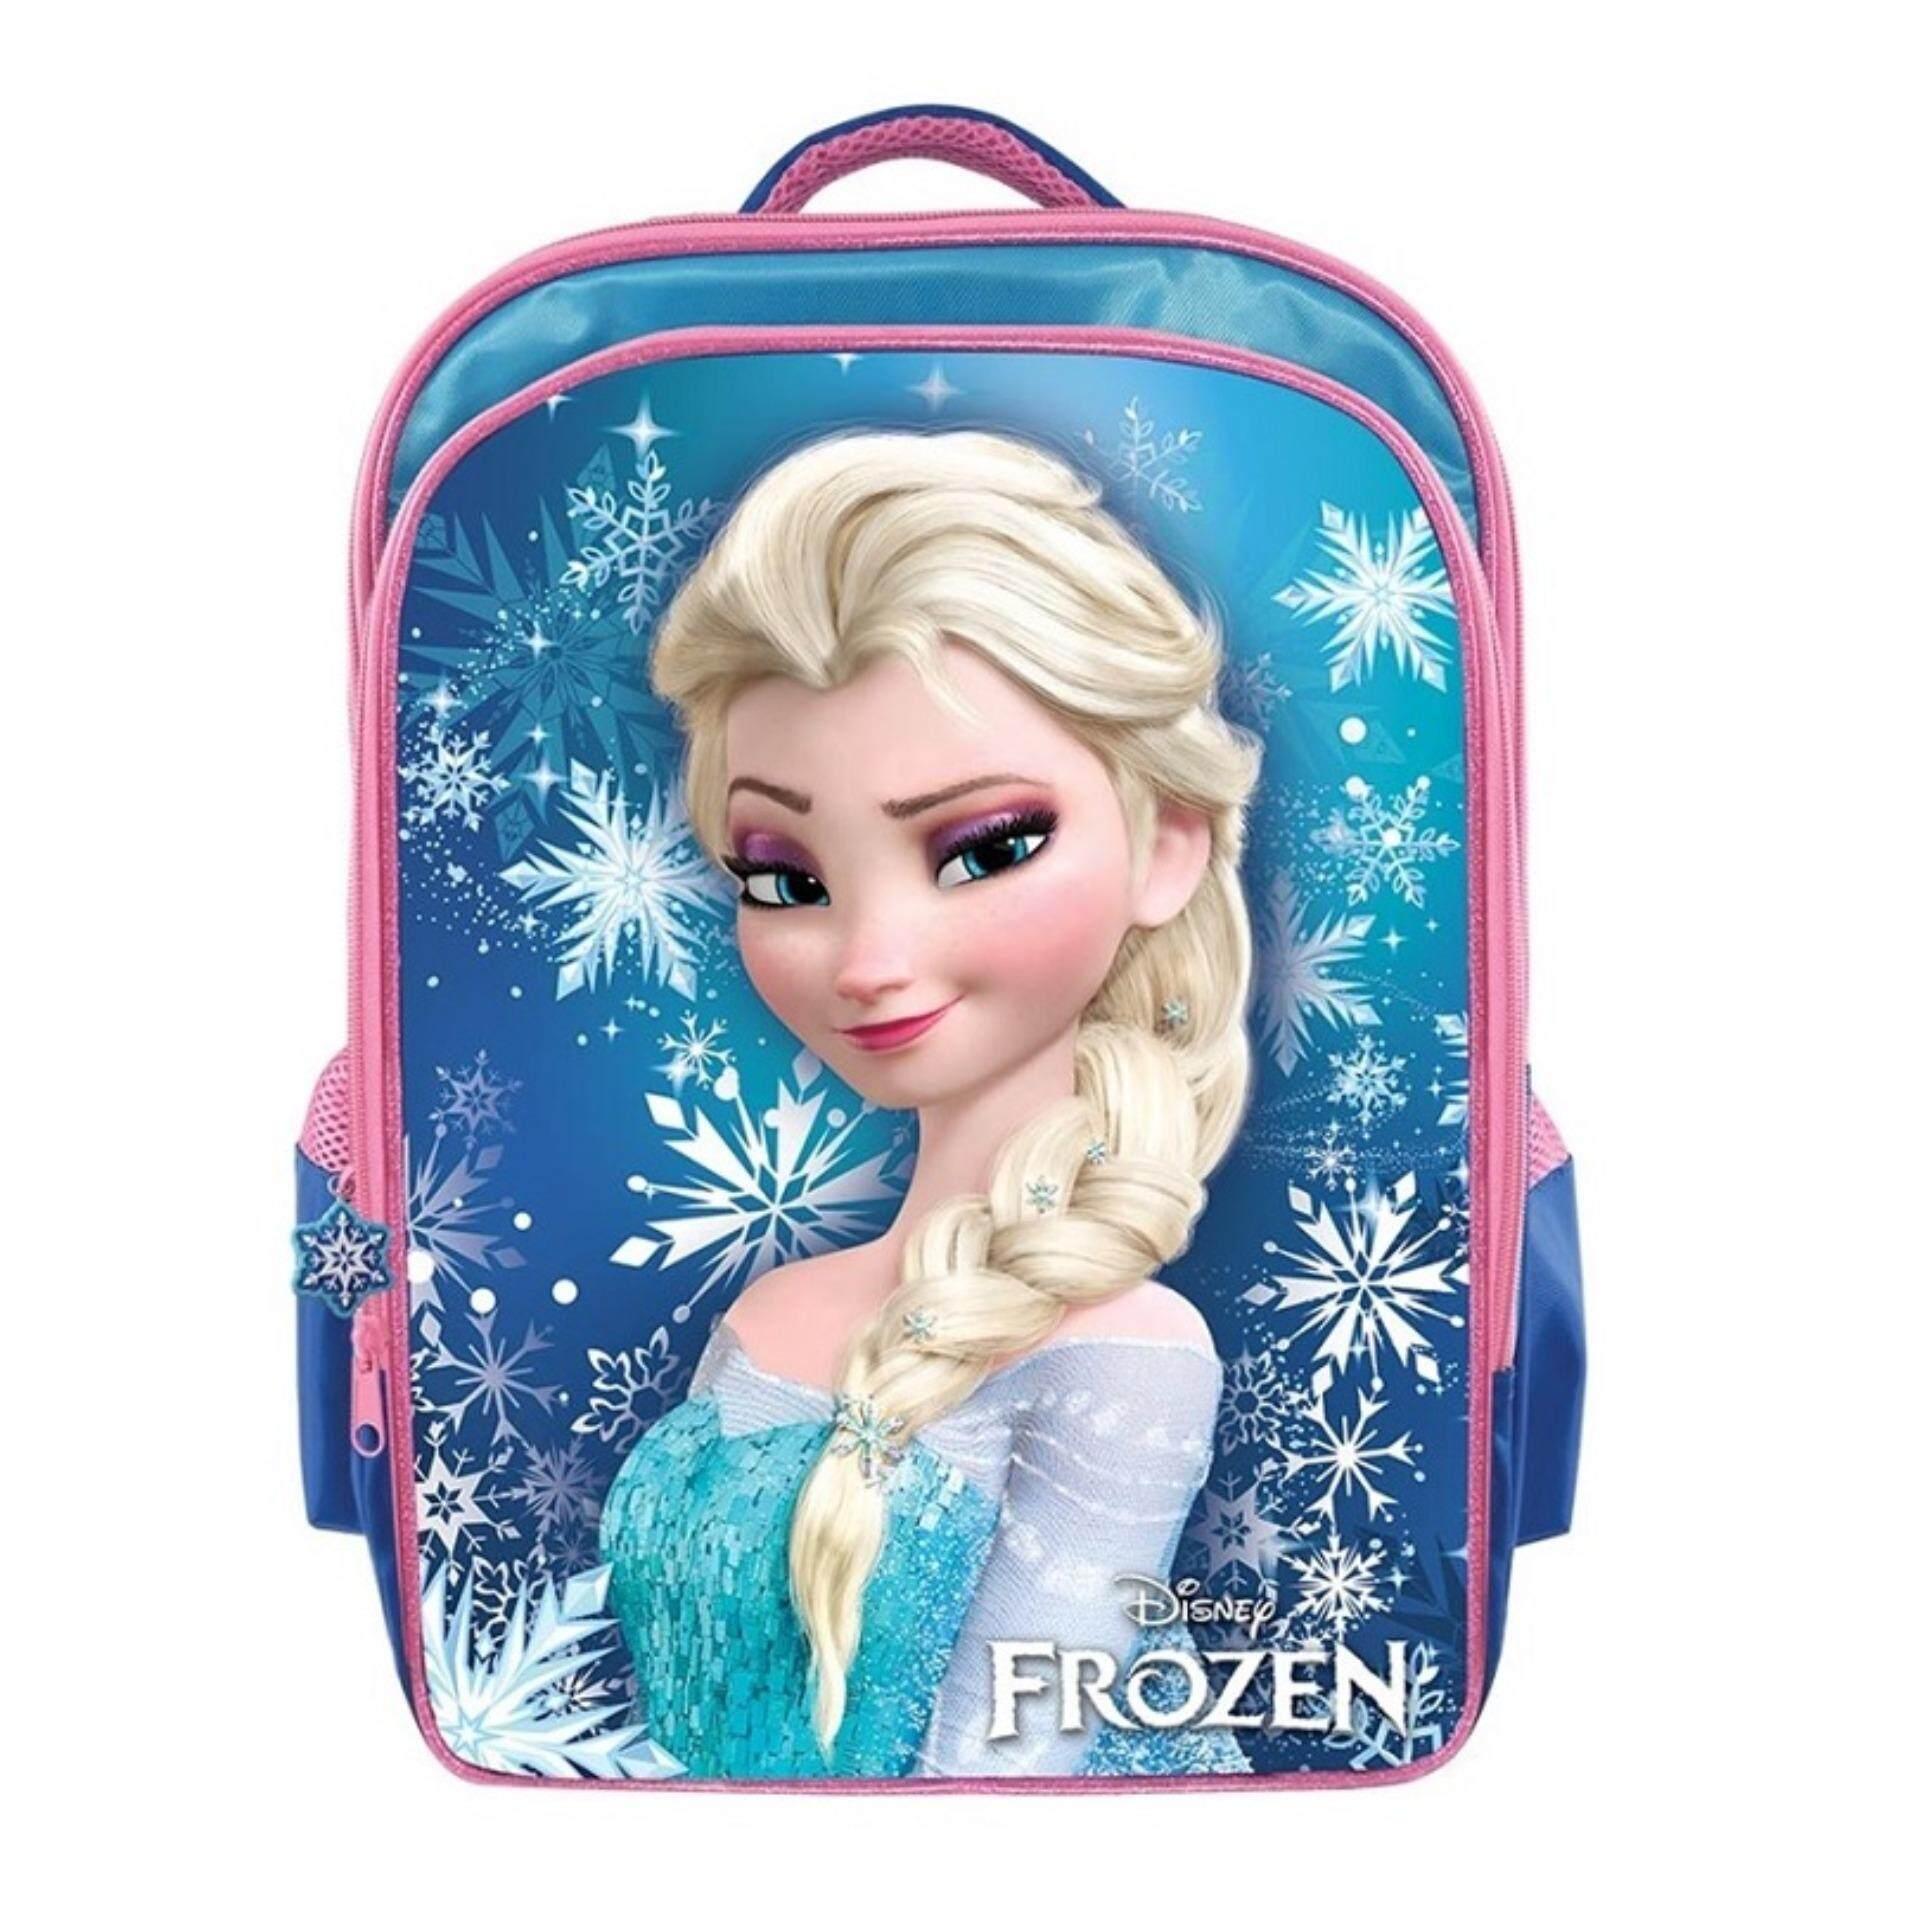 Disney Princess Frozen Pre School Backpack Kindergarten Nursery Kids Children School Bag - Elsa